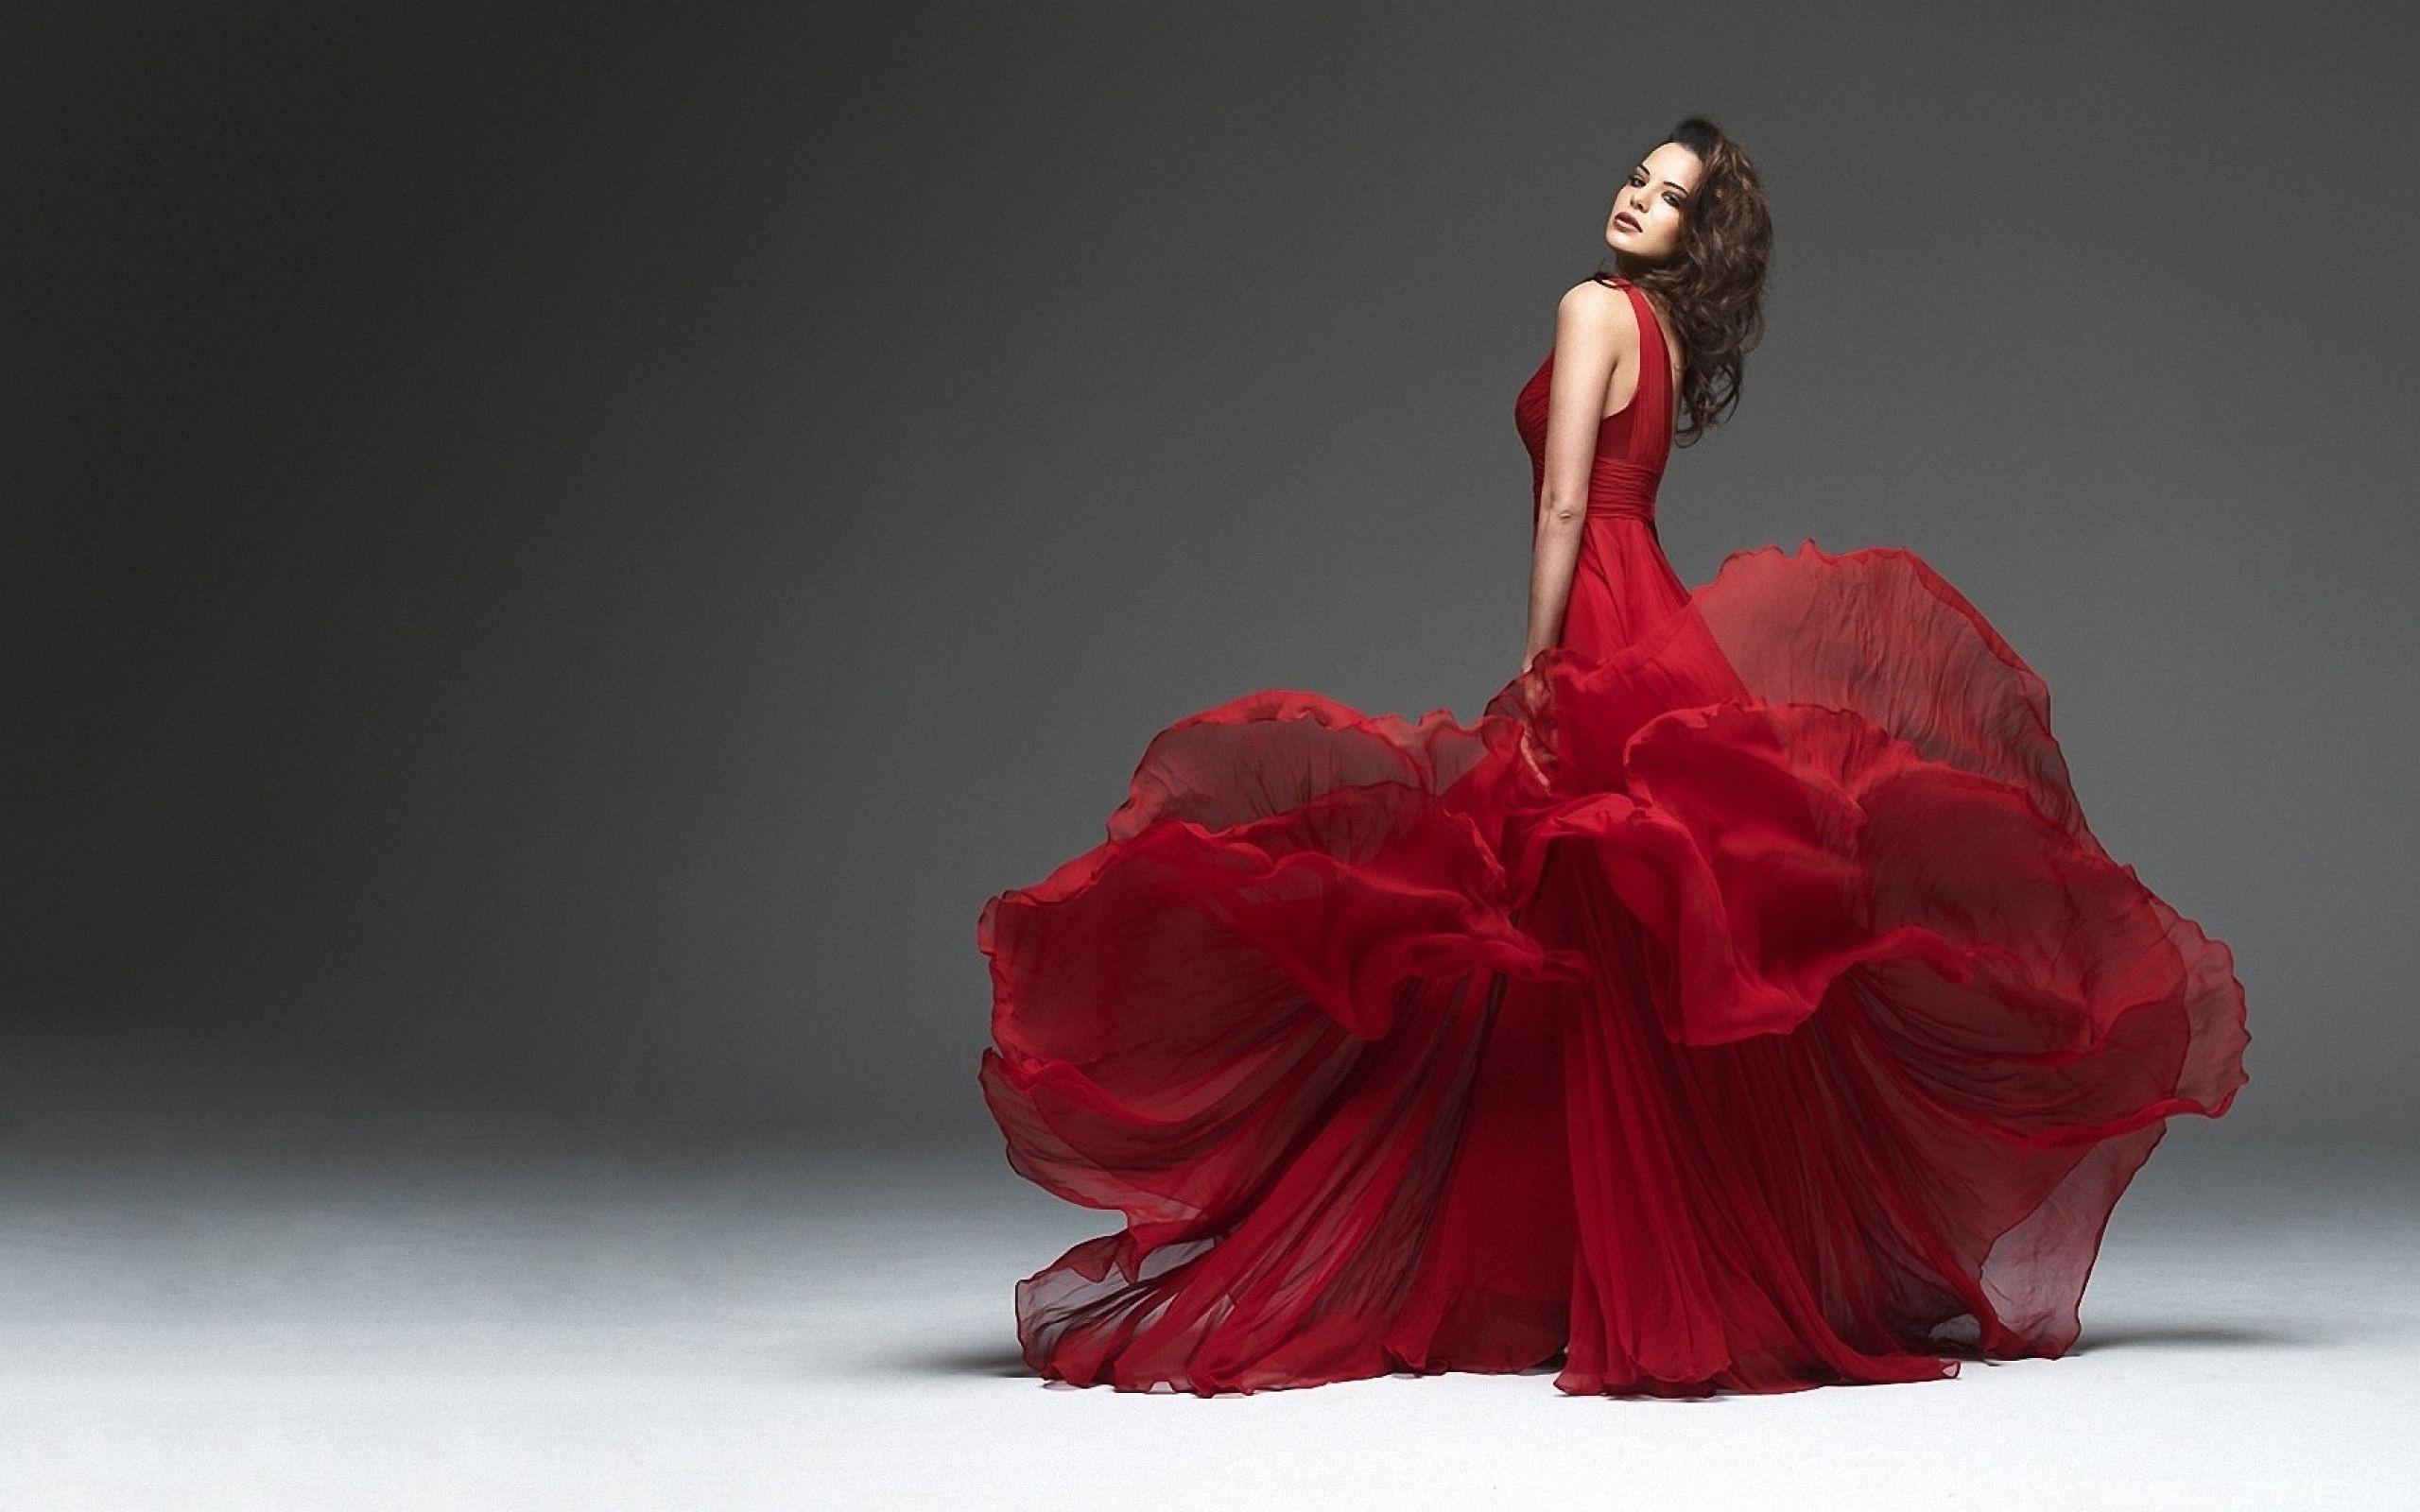 Great Red Dress Wallpaper | Schöne Rote Kleider, Rot Anziehen